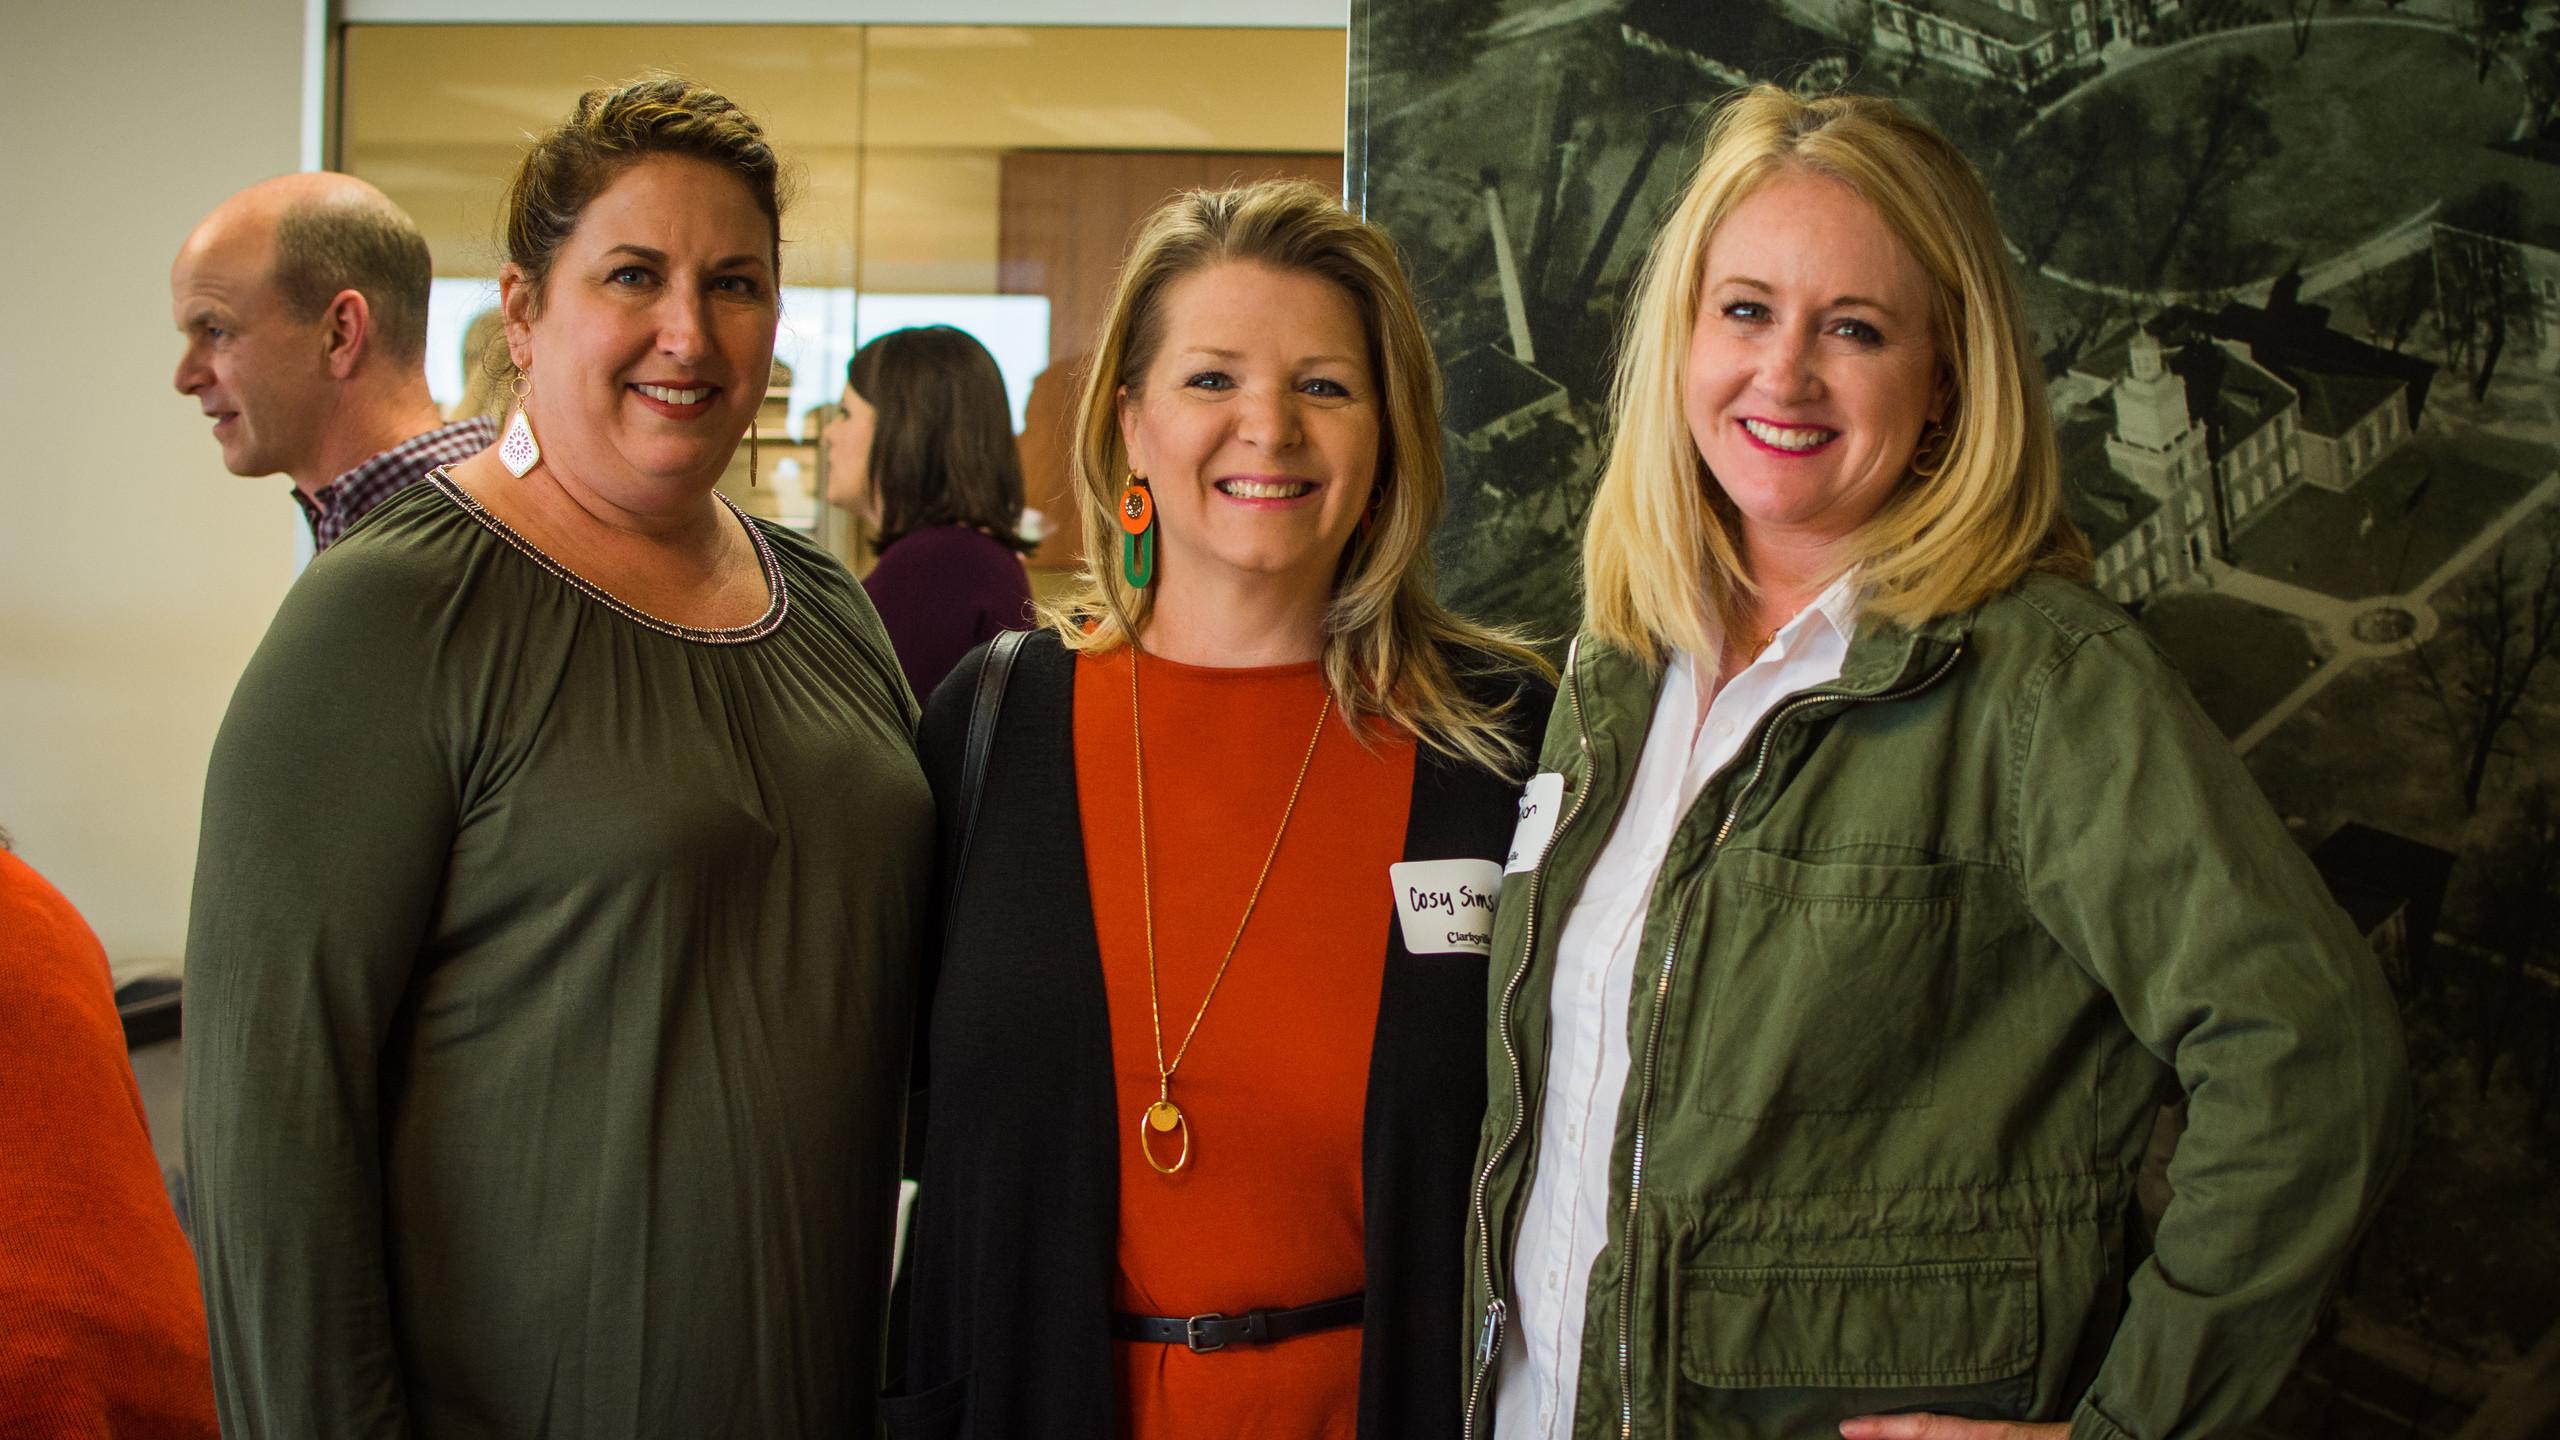 Beth Poppas, Cosy Sims, and Breanna Thom